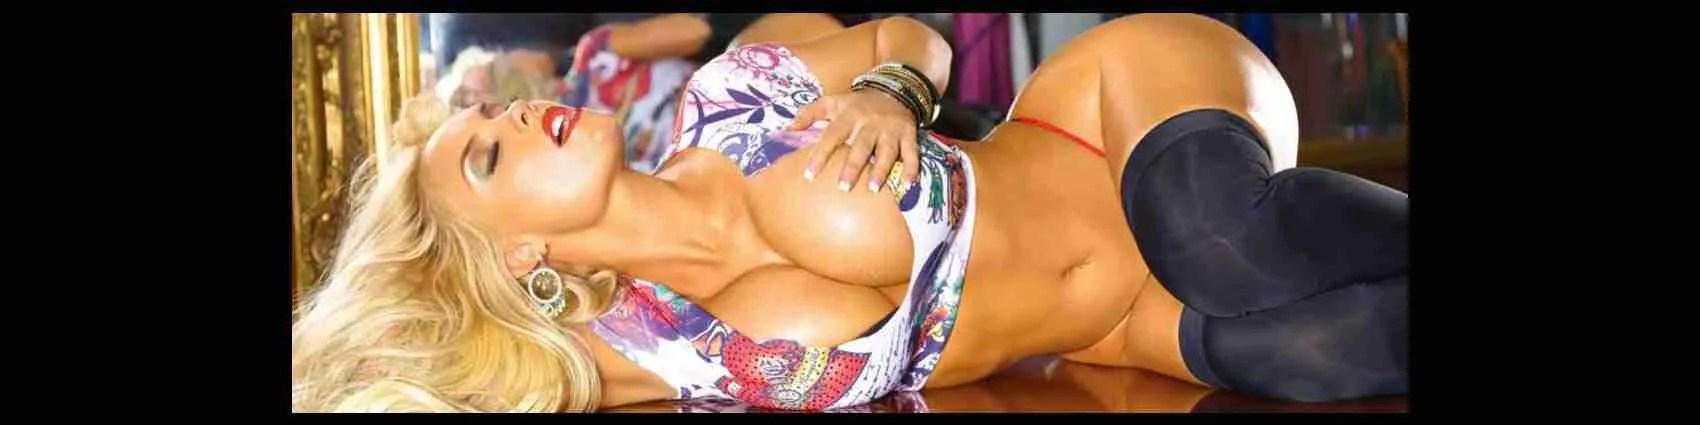 Escort Prato per incontri erotici. Magica escort